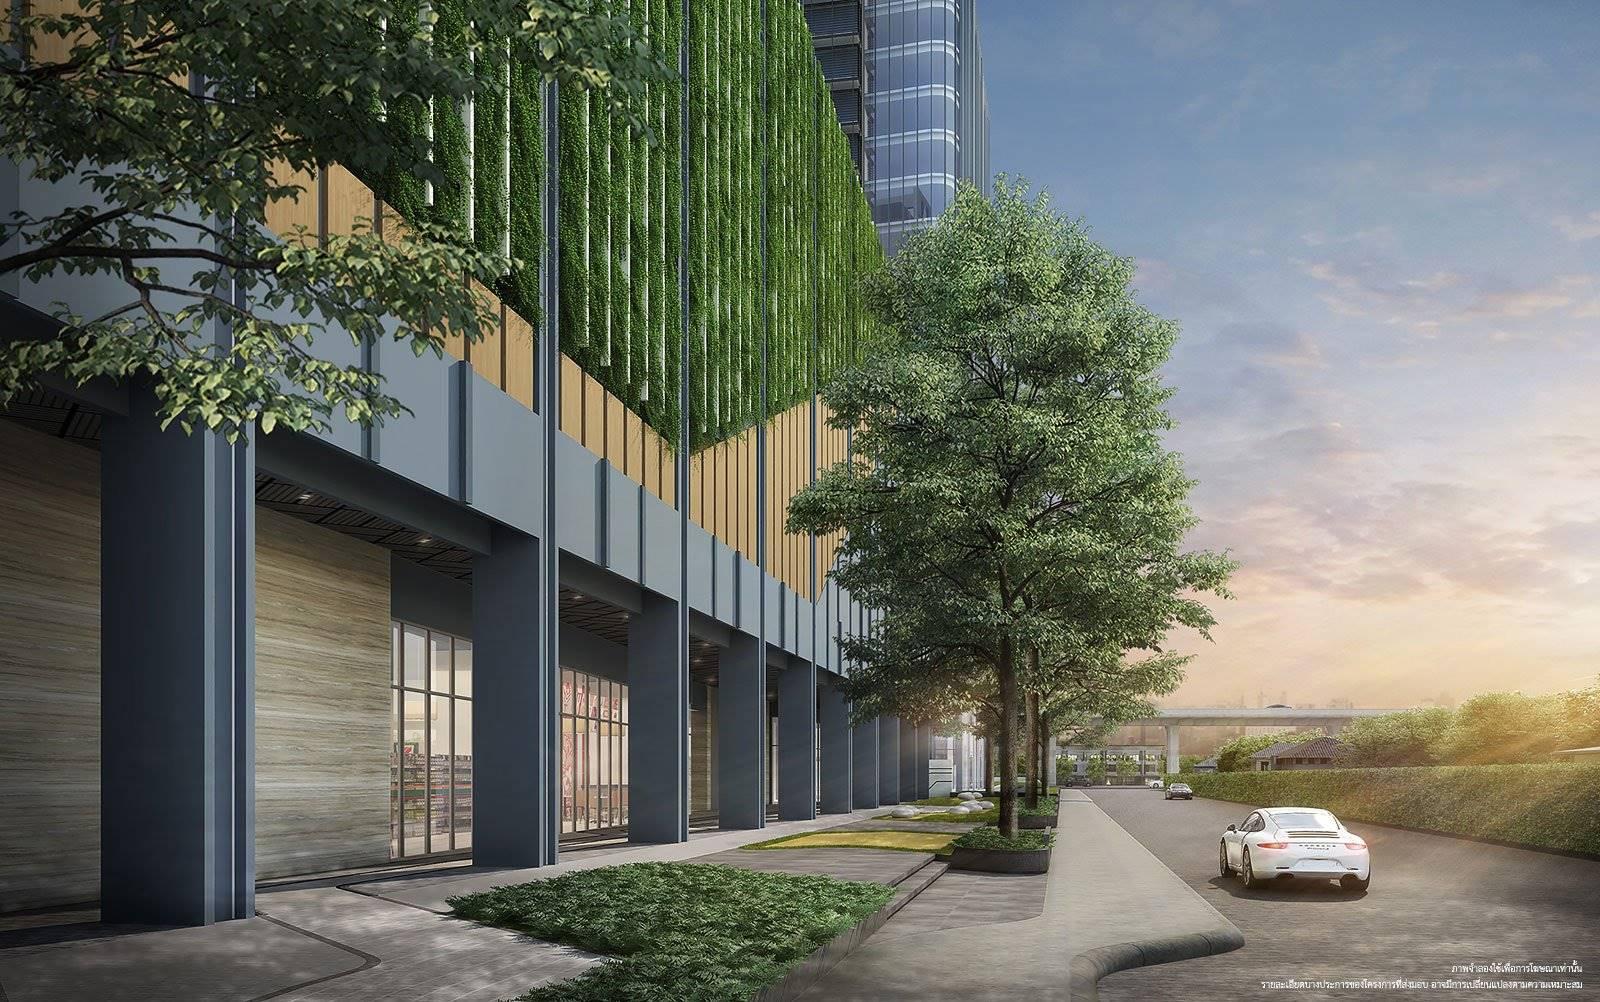 LPN เปิดขายลุมพินี ทาวเวอร์ วิภาวดีจตุจักรอาคารB | Prop2Morrow บ้าน คอนโด ข่าวอสังหาฯ